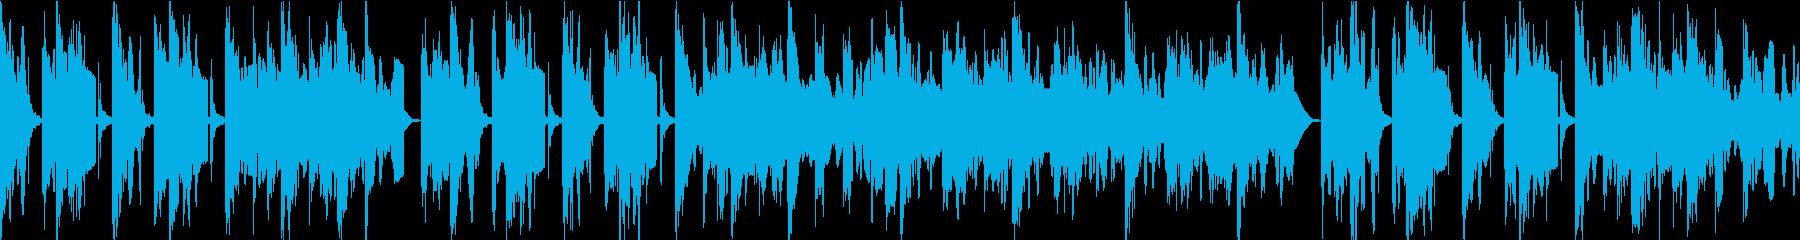 民謡風サウンドロゴ向けBGMの再生済みの波形